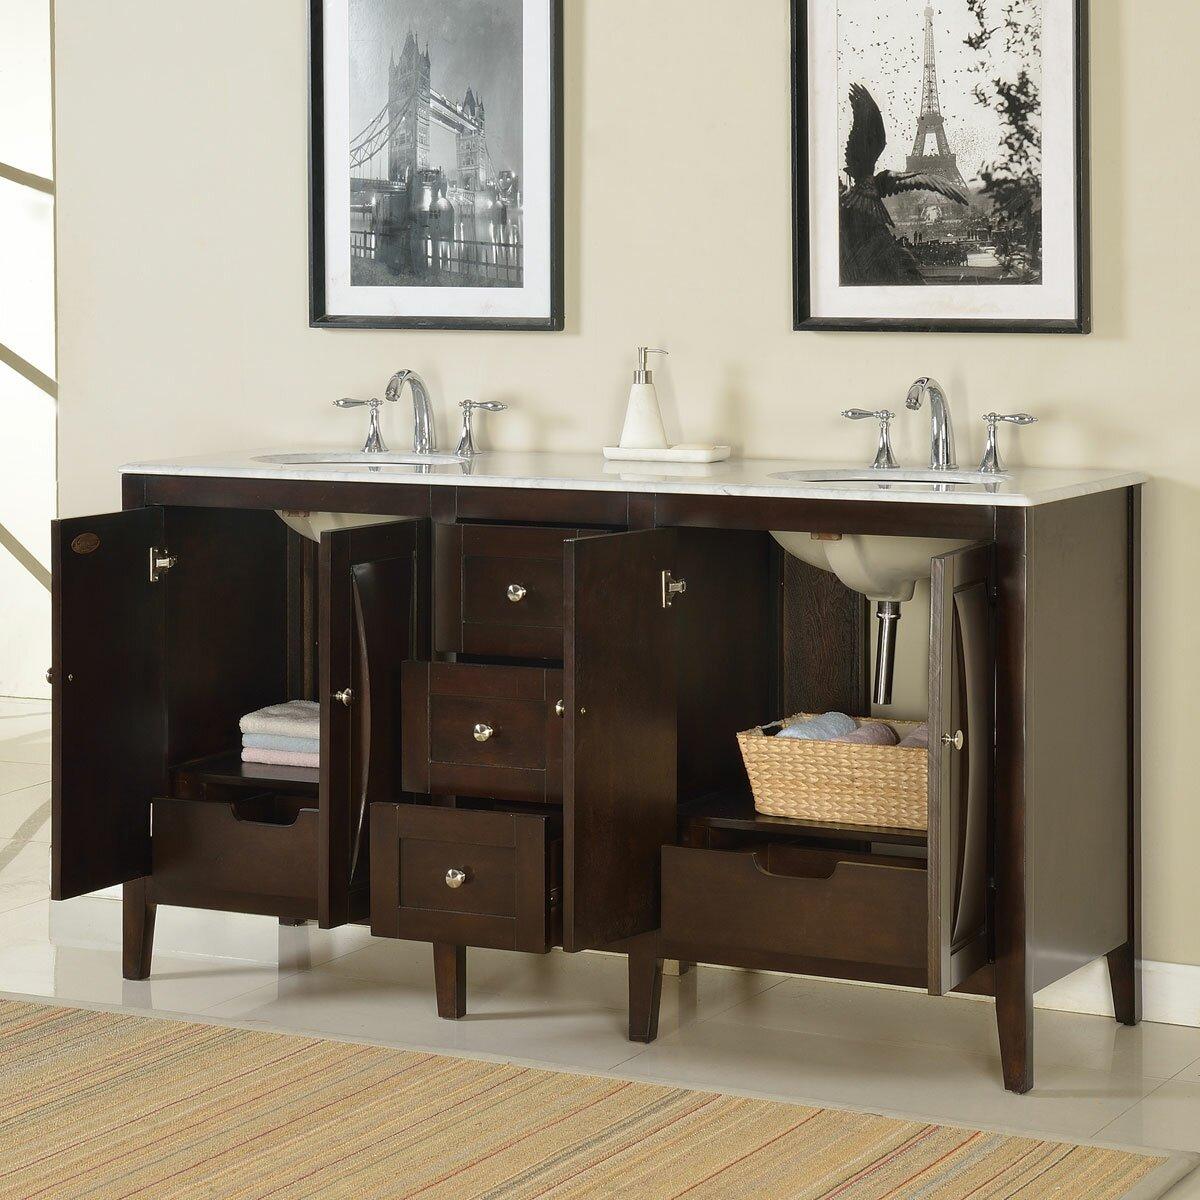 Silkroad Exclusive 68 Double Sink Lavatory Cabinet Bathroom Vanity Set Reviews Wayfair